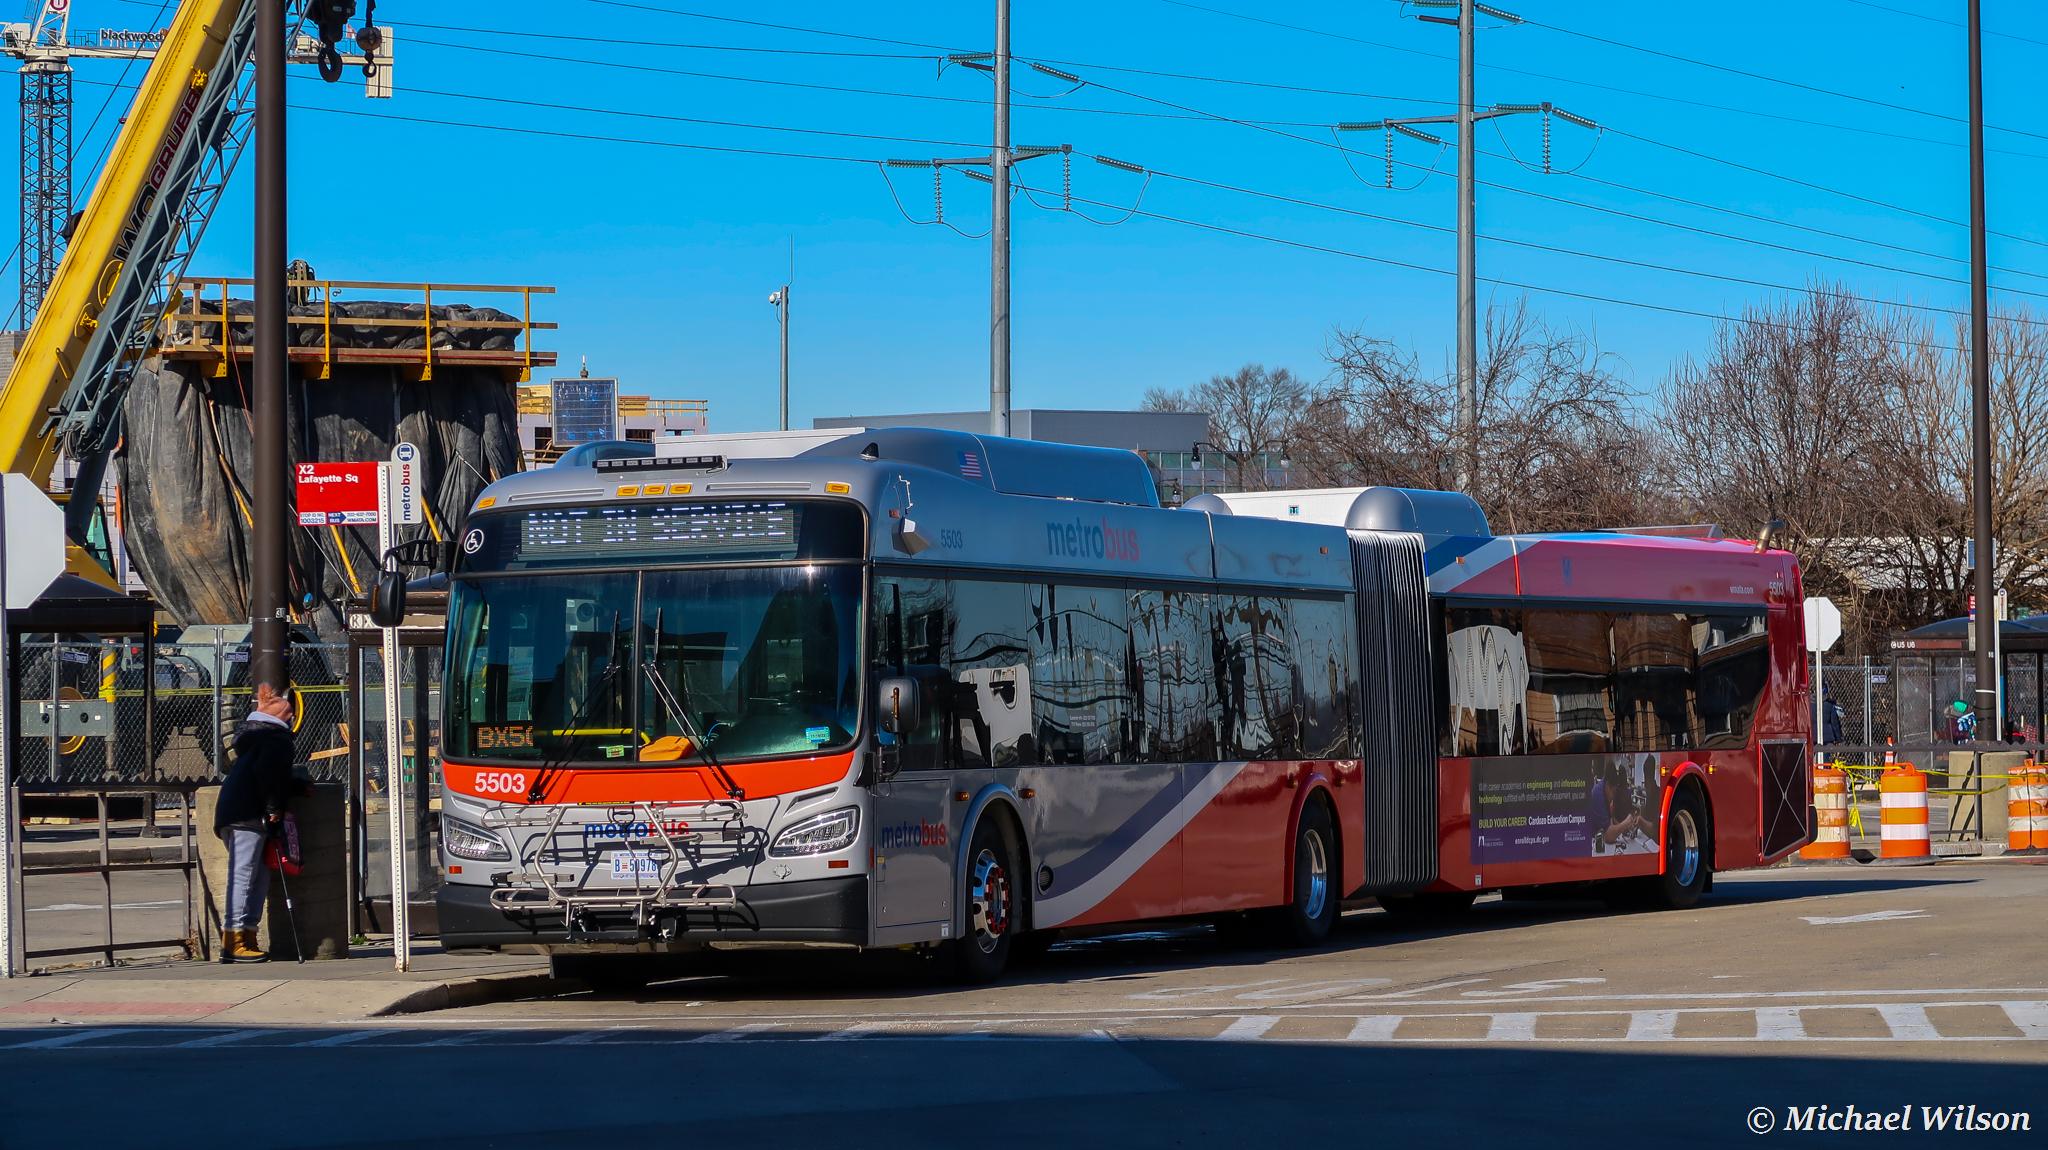 WMATA_Metrobus_New_Flyer_XD60.jpg